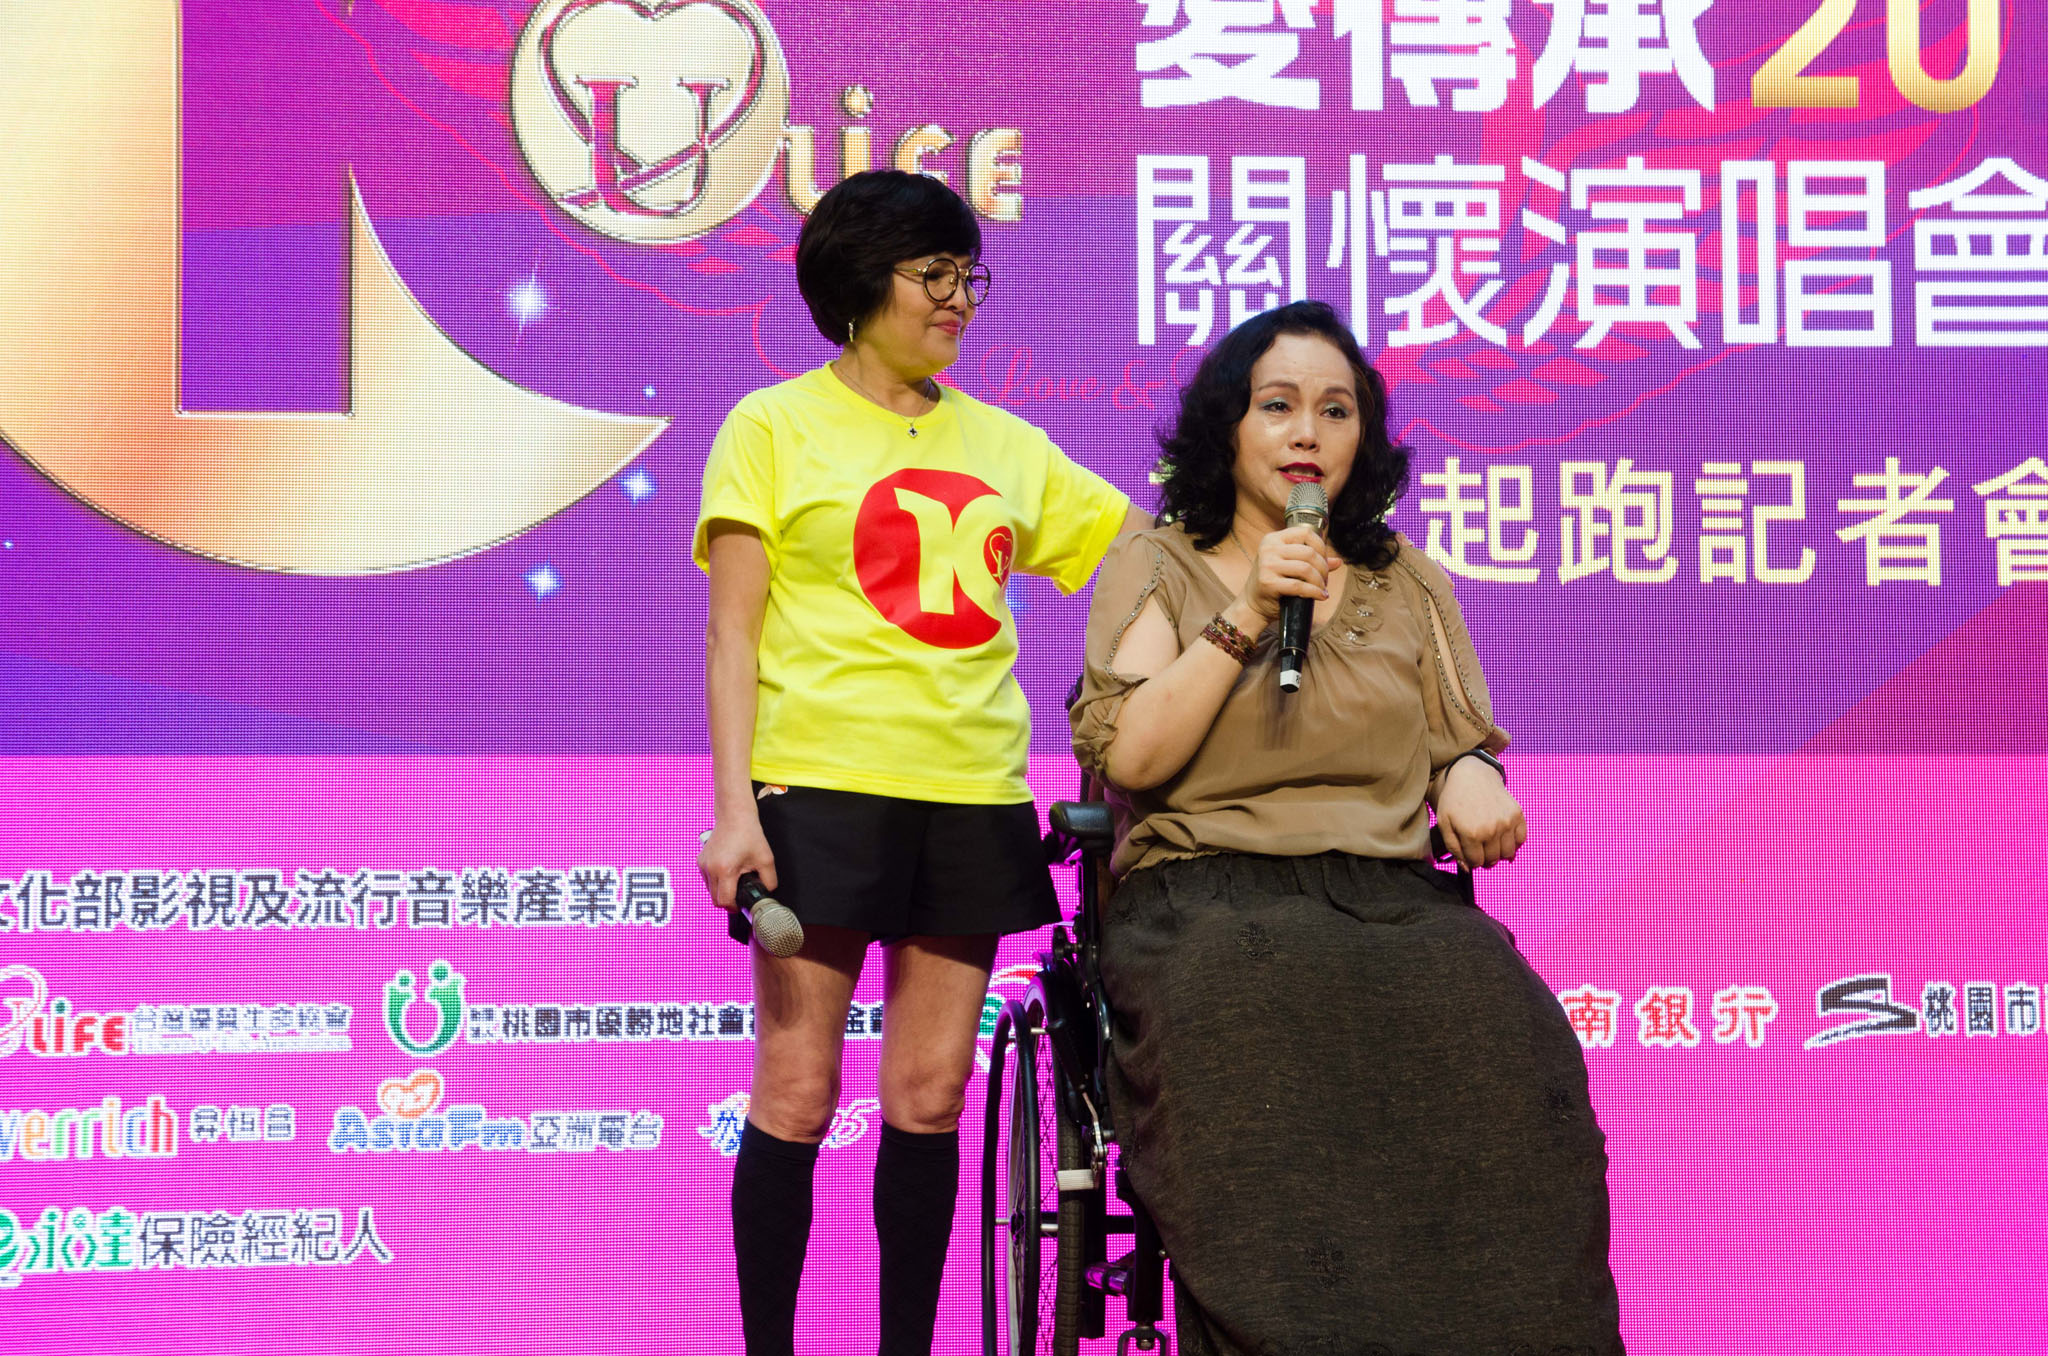 歌中劇故事主角-李佩菁驚喜現身記者會。